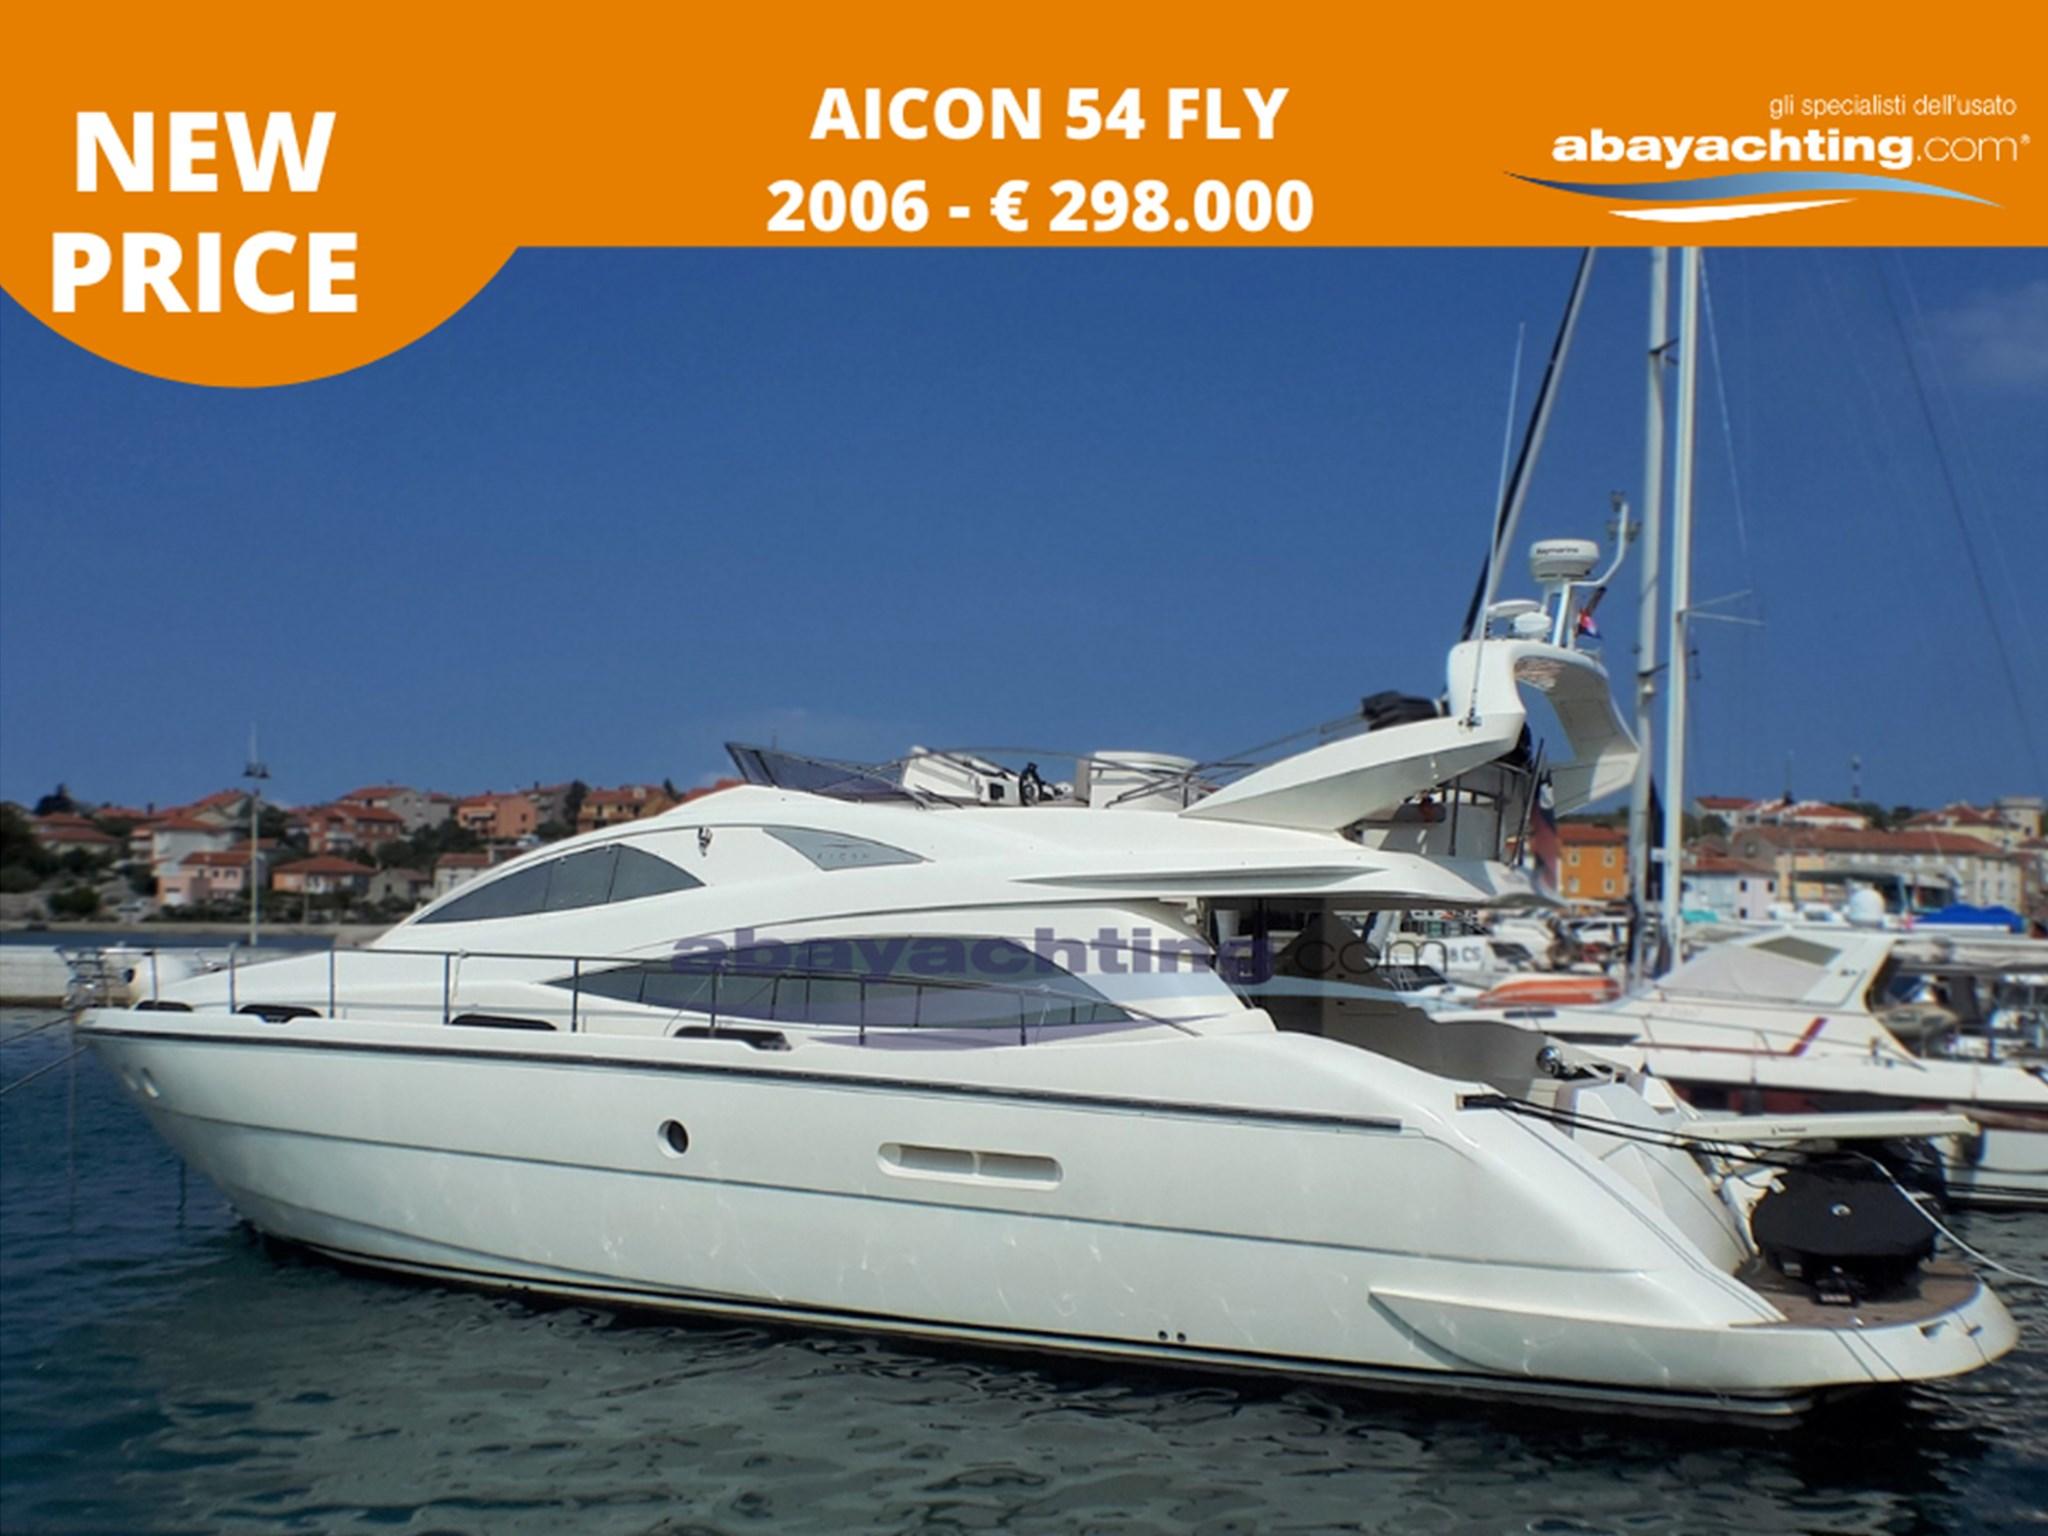 New price Aicon 54